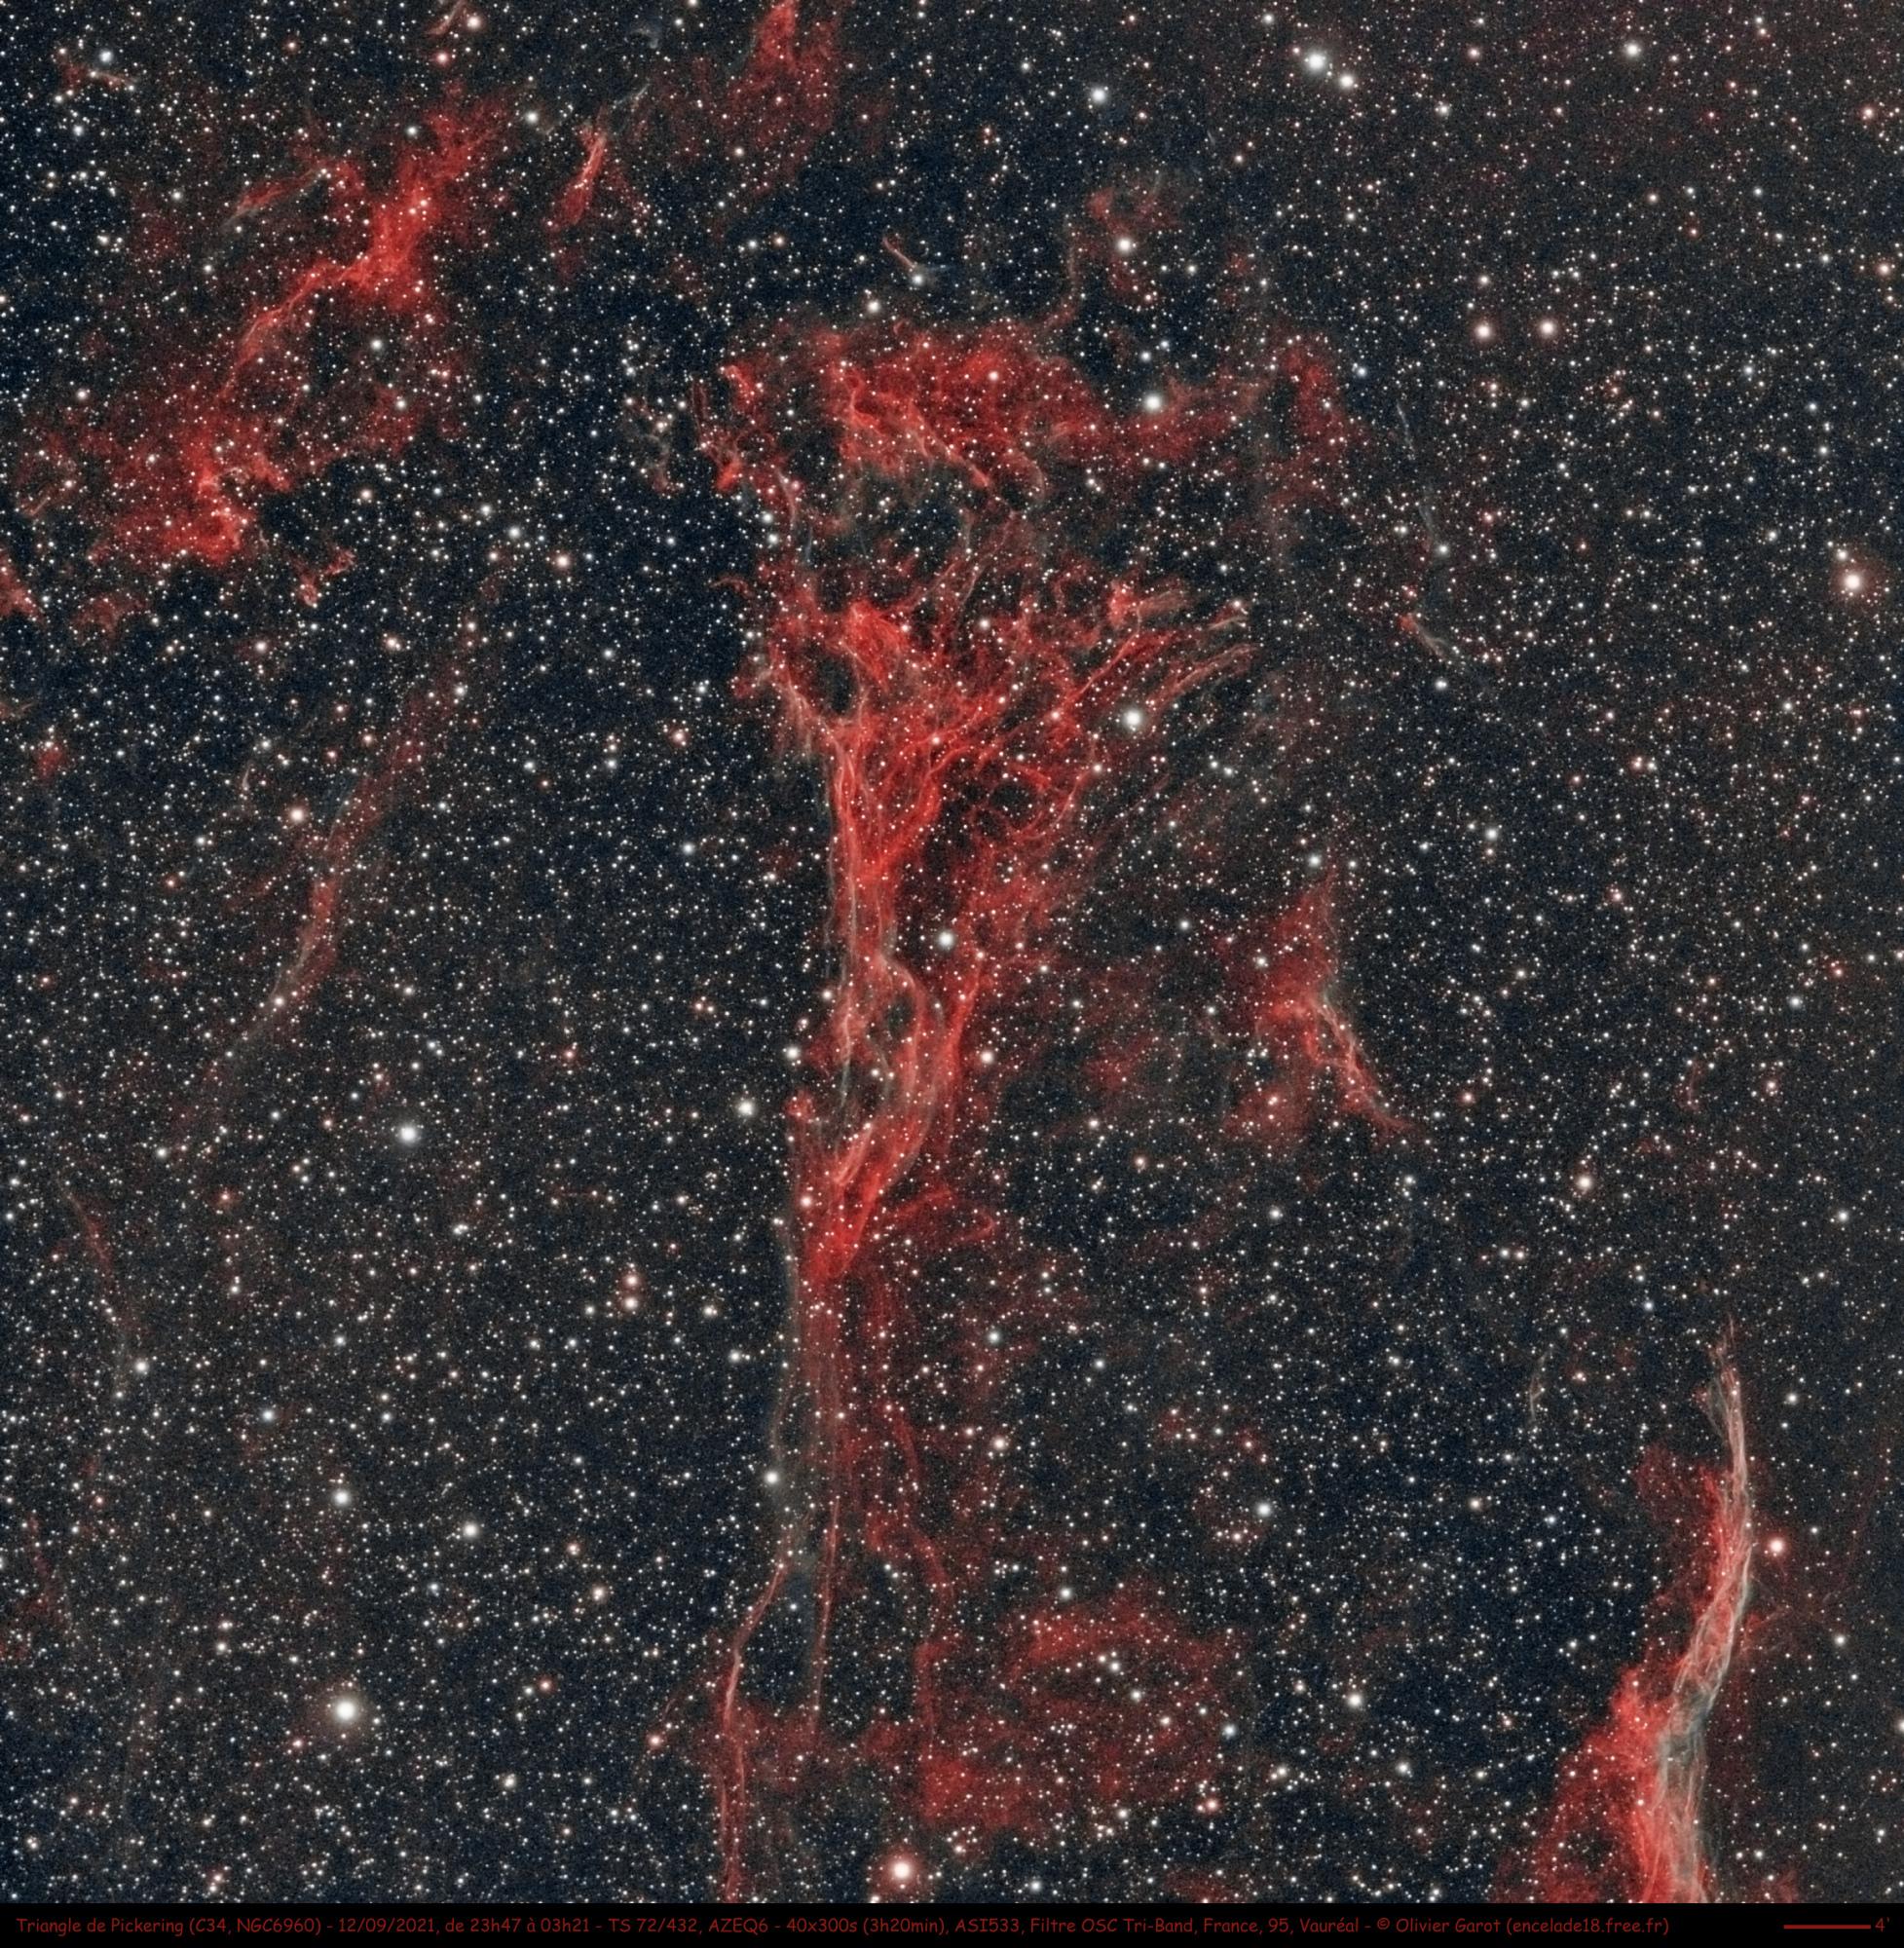 NGC6960PT_2021_09_12_SSFW_DOF_40im300s_csr_eG_ecp_th2MFtftc1BC40_RB_rbm_MFfph_MFb1_Ga80_HLVGs_og.thumb.jpg.2c187187be590ad39f2c7240153932a6.jpg